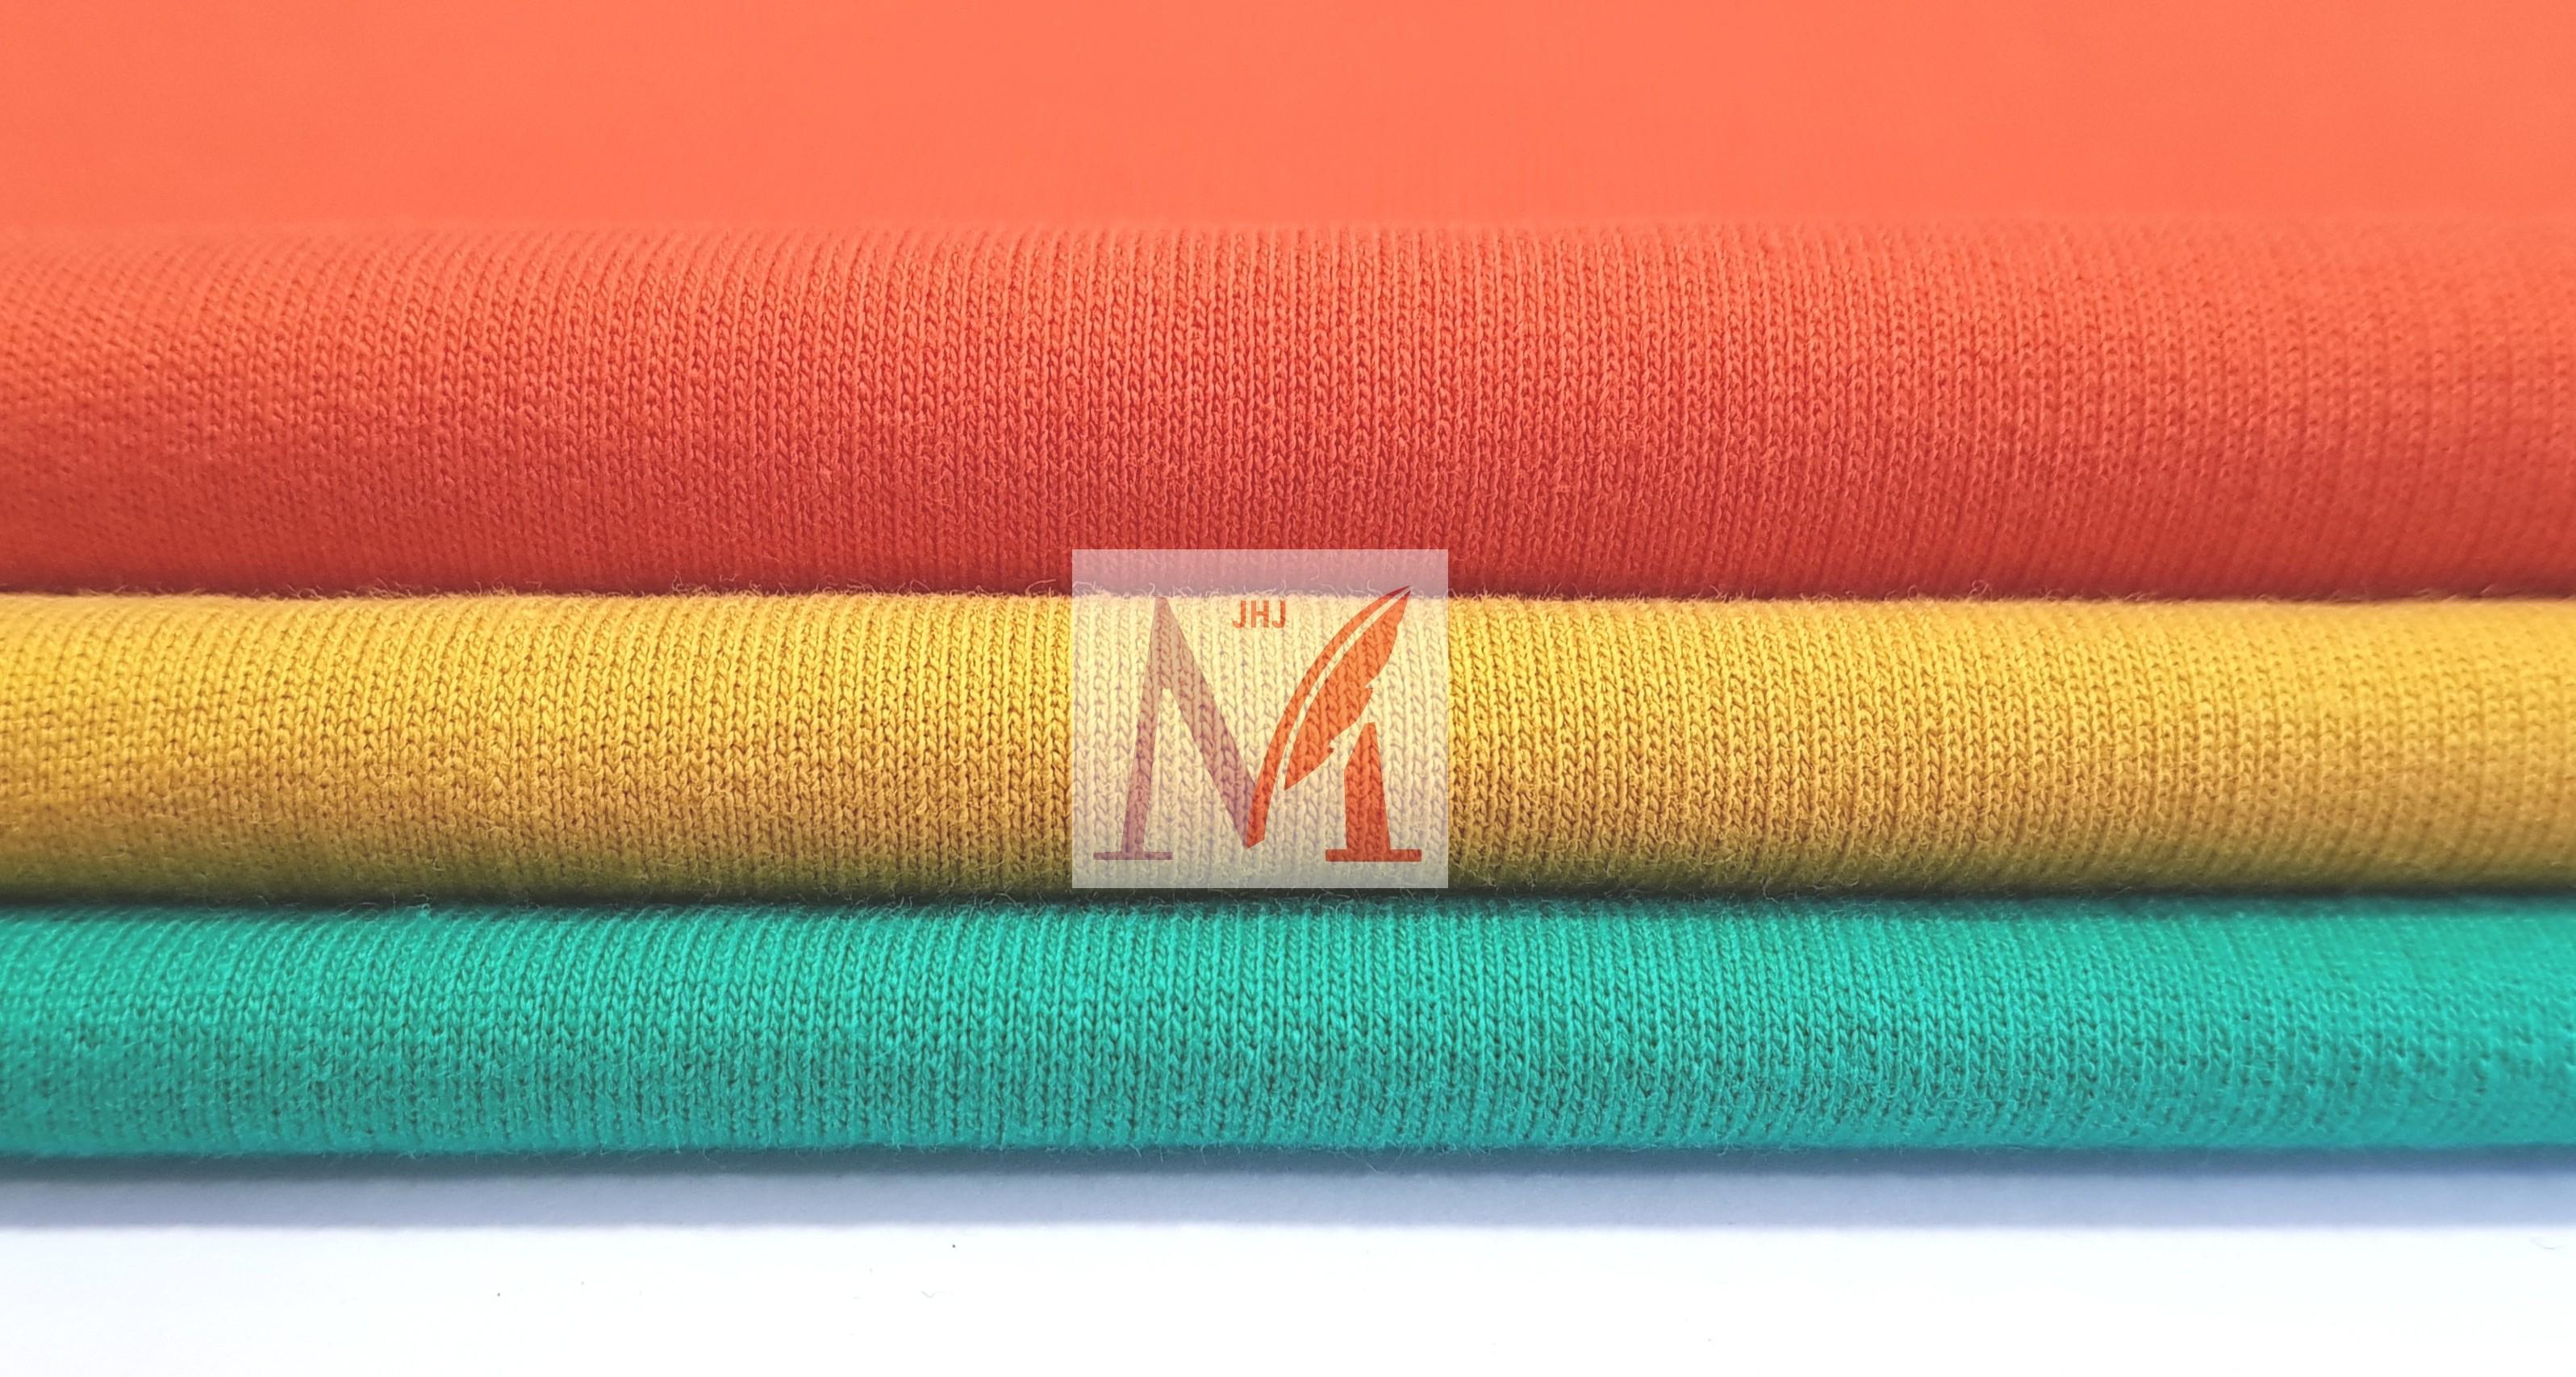 Cotton 1x1 Rib Fabric